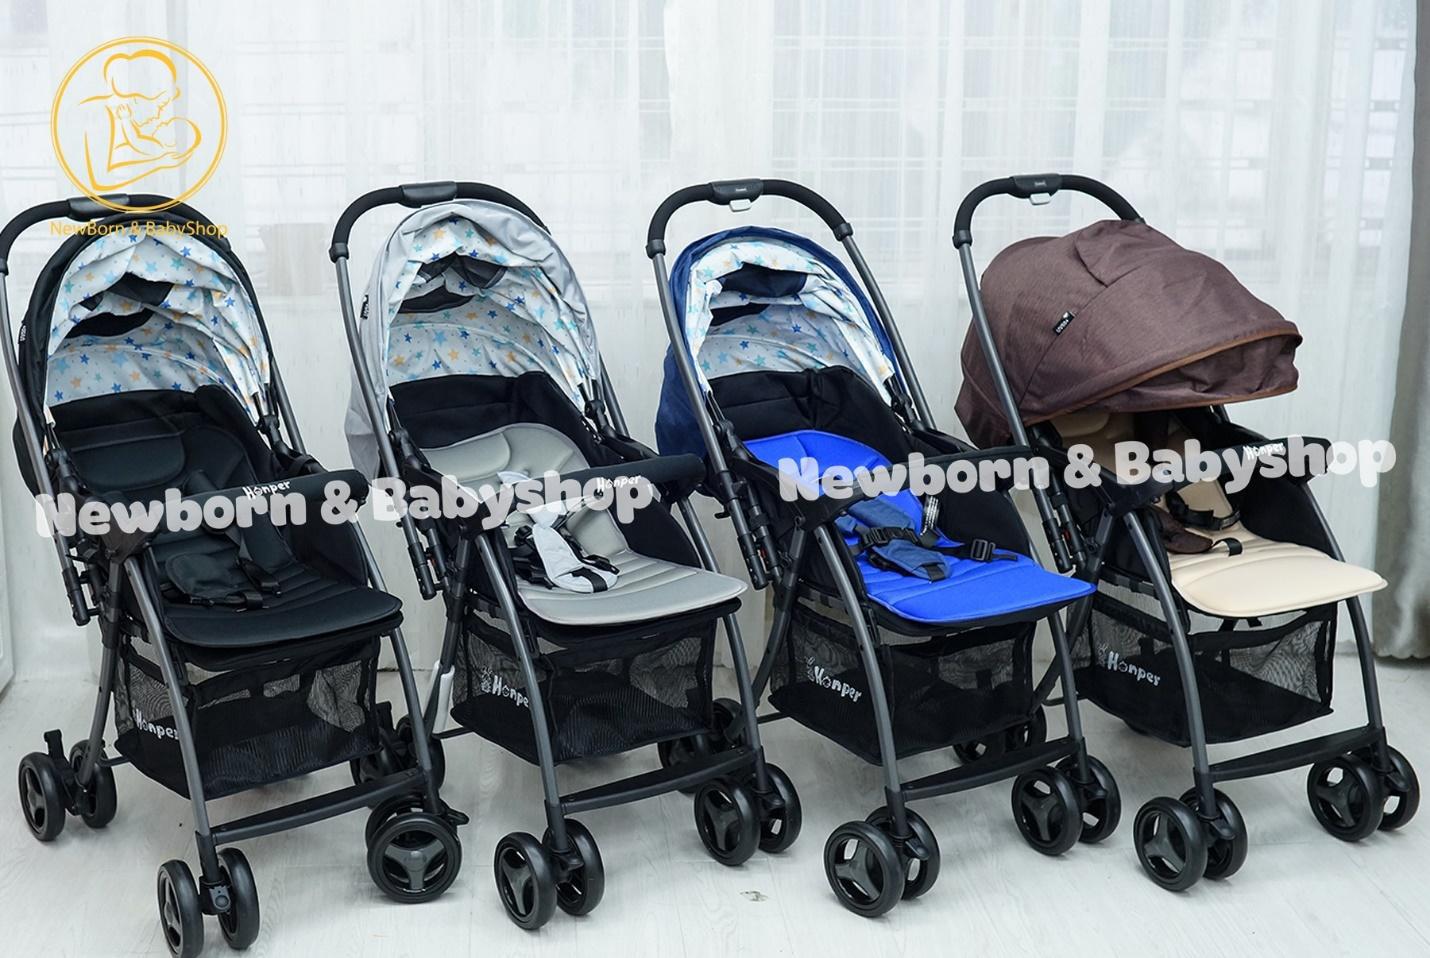 Newborn & Baby Shop gợi ý cách lựa chọn quần áo cho trẻ sơ sinh - Ảnh 4.